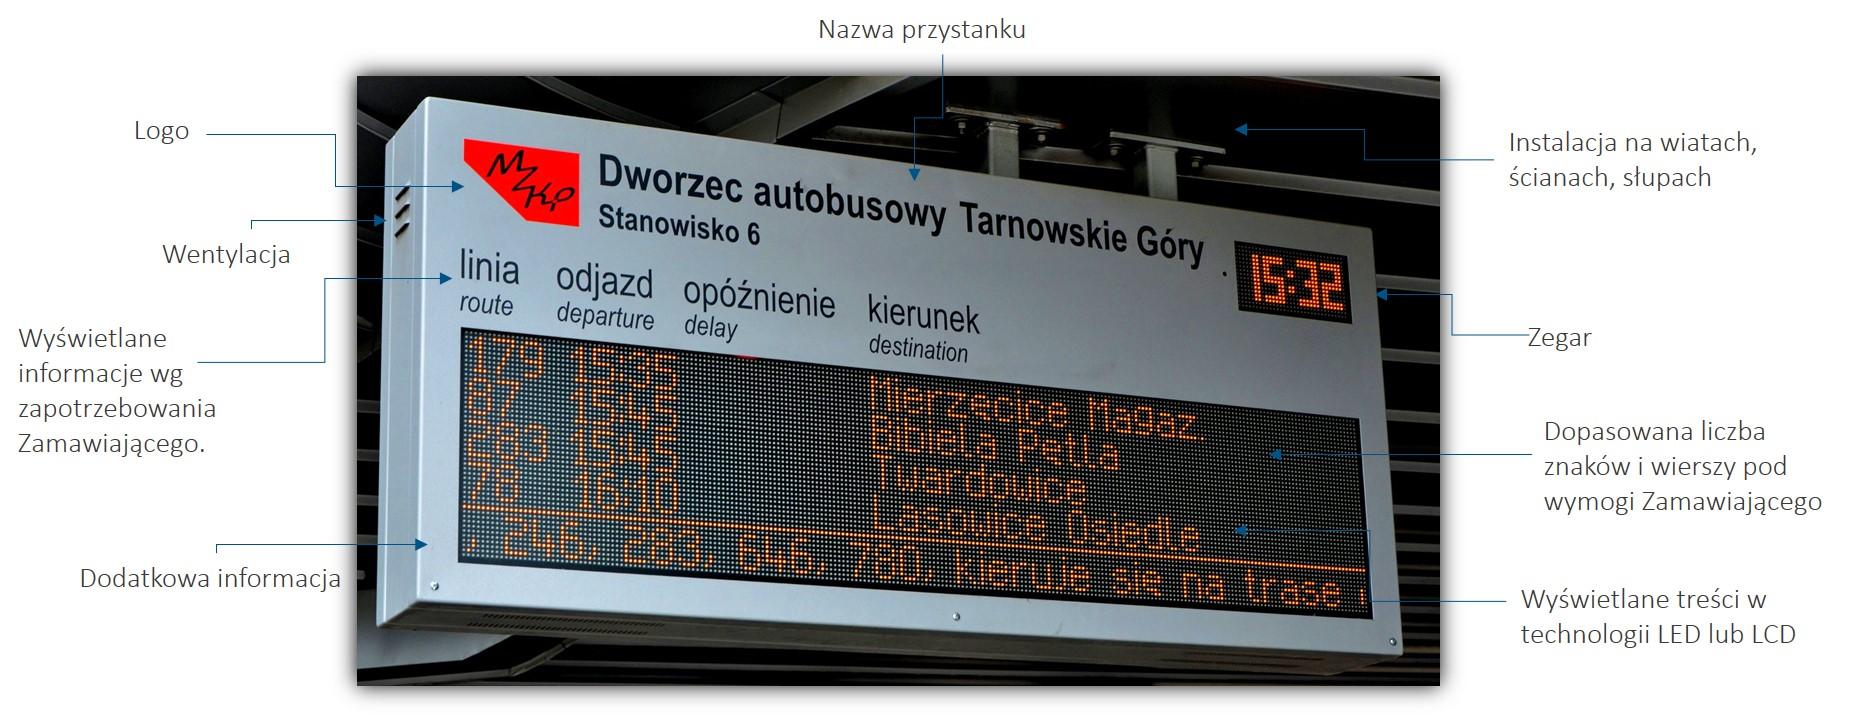 Wyświetlaczw informacji pasażerskiej producent